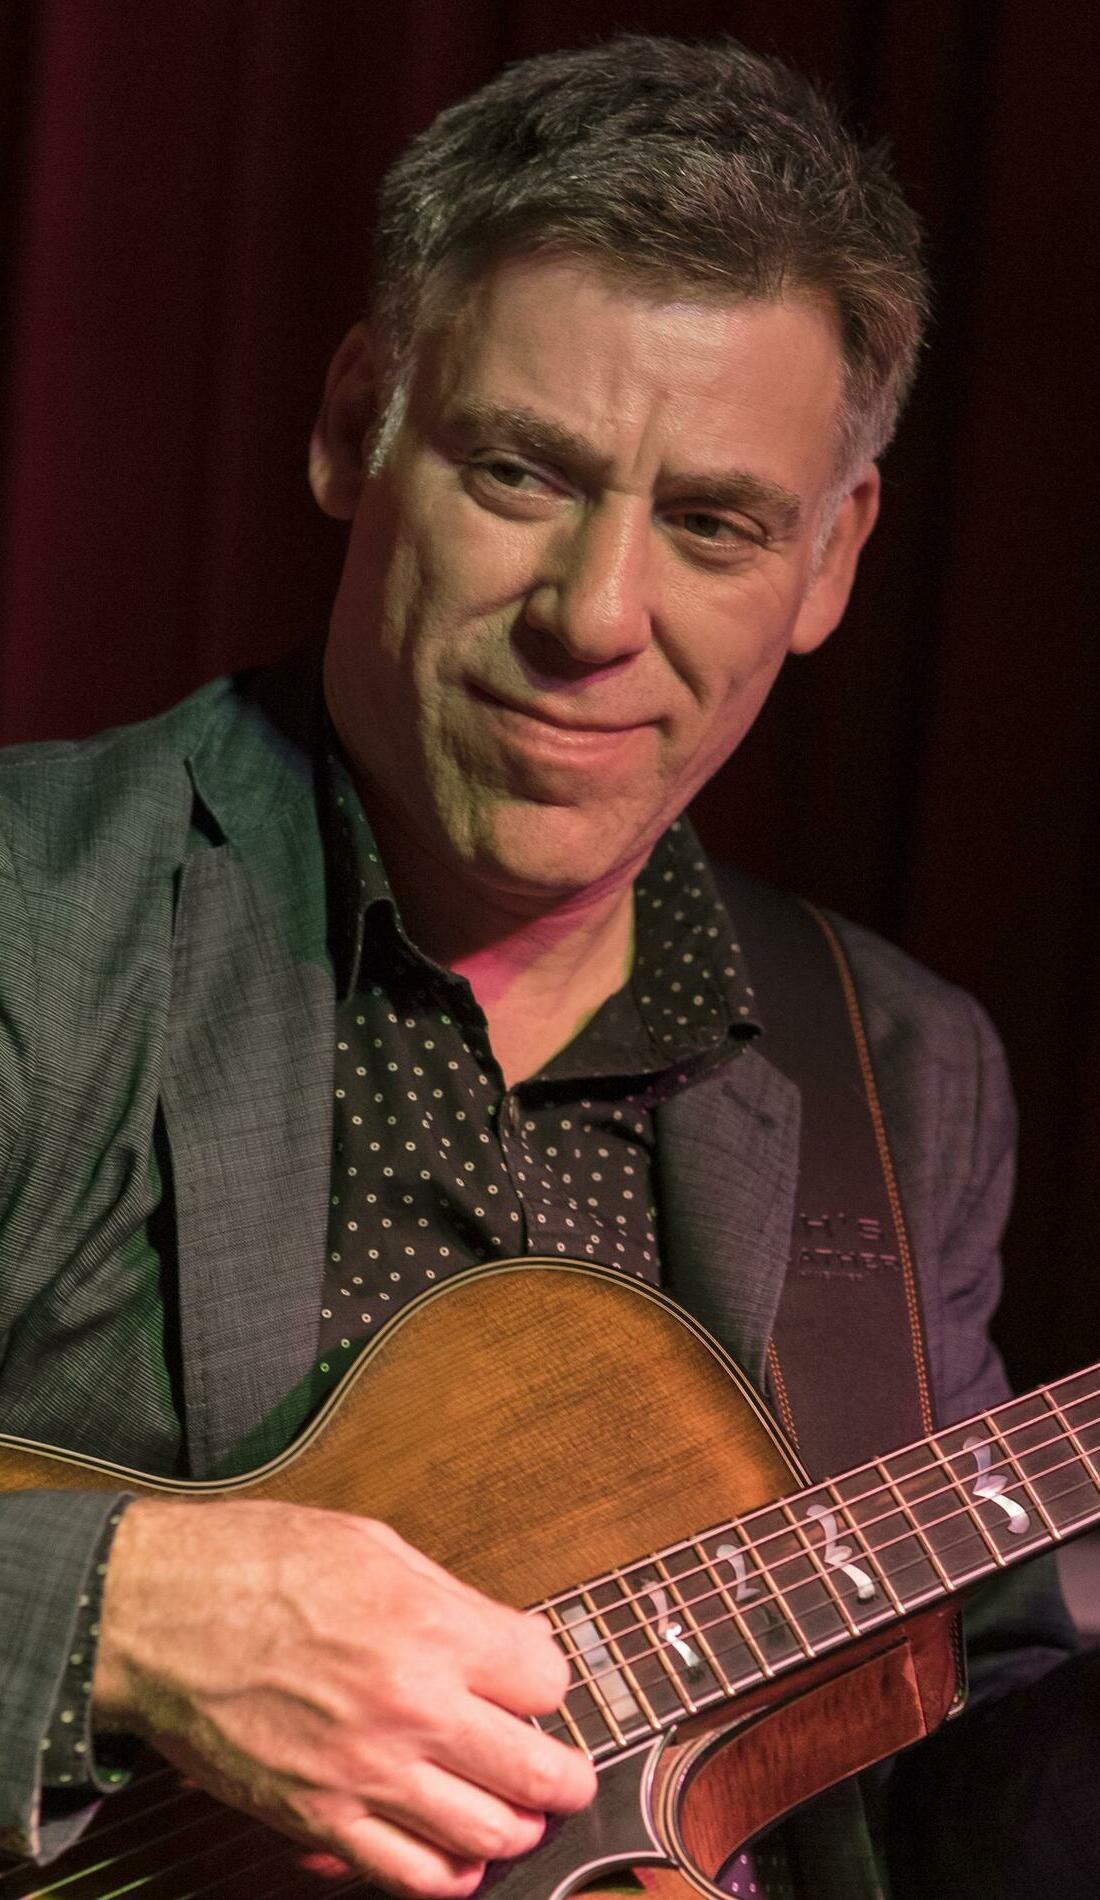 A Peter Bernstein live event